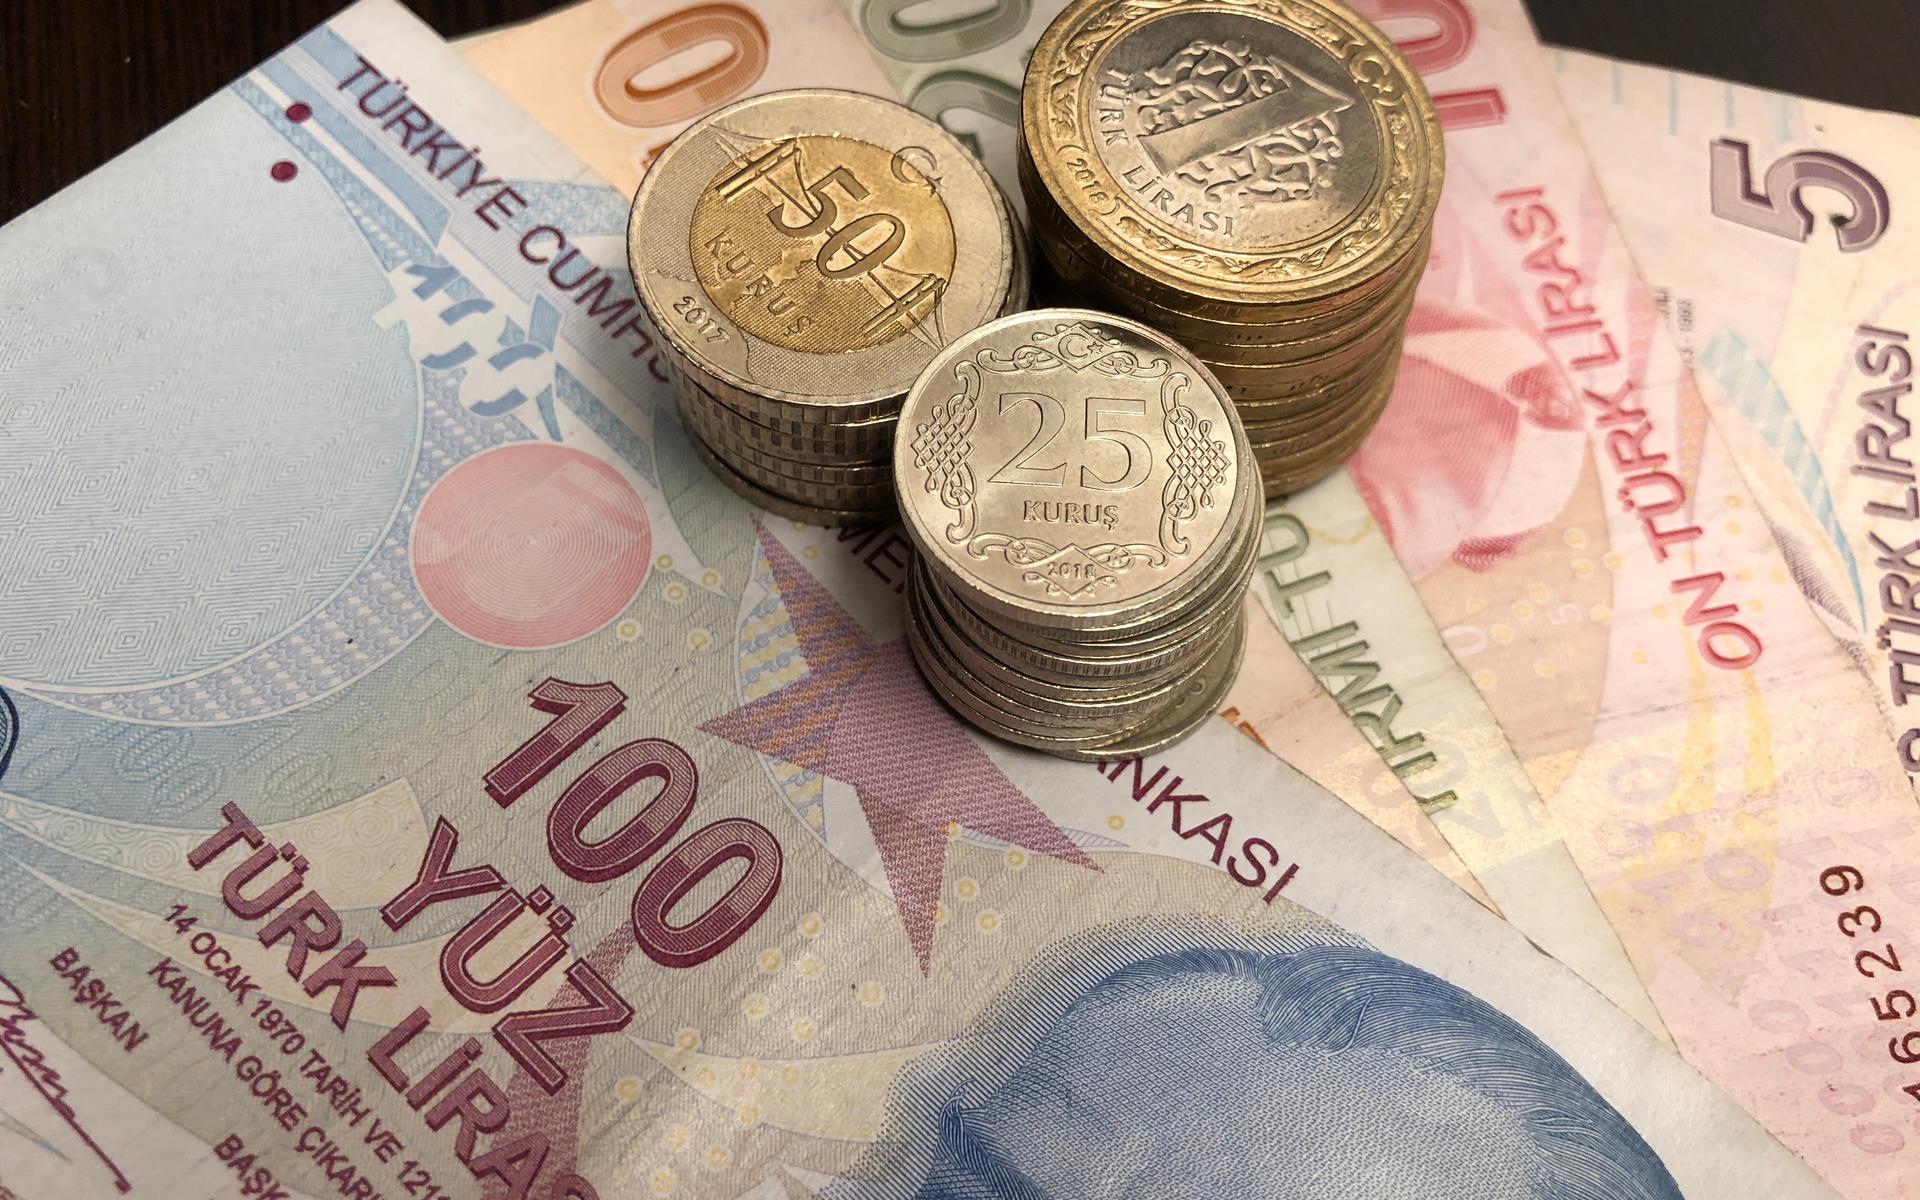 turkey to release crypto lira